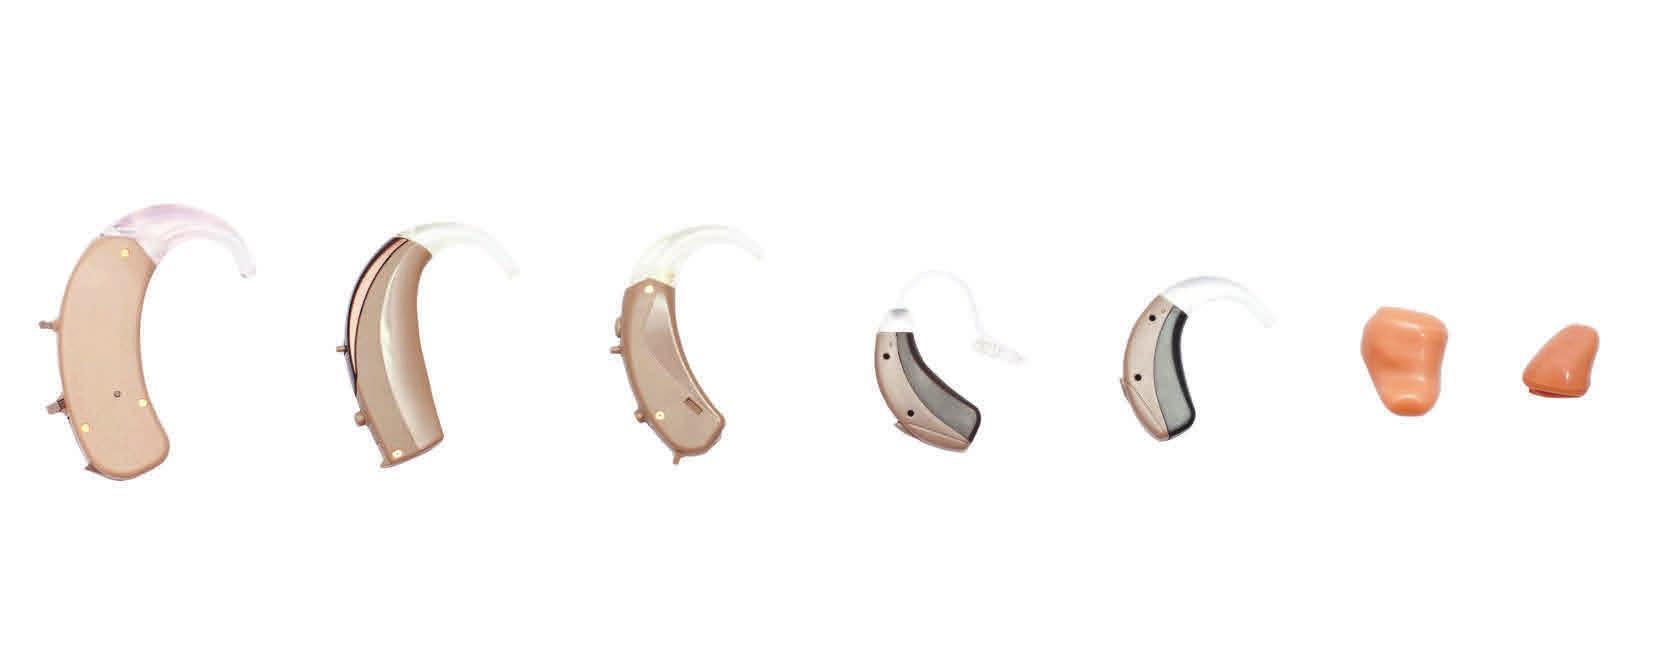 Längst sind Hörgeräte keine klobigen Monster mehr, heute sind sie so klein, dass sie kaum noch auffallen. Foto: aerogondo - stock.adobe.com